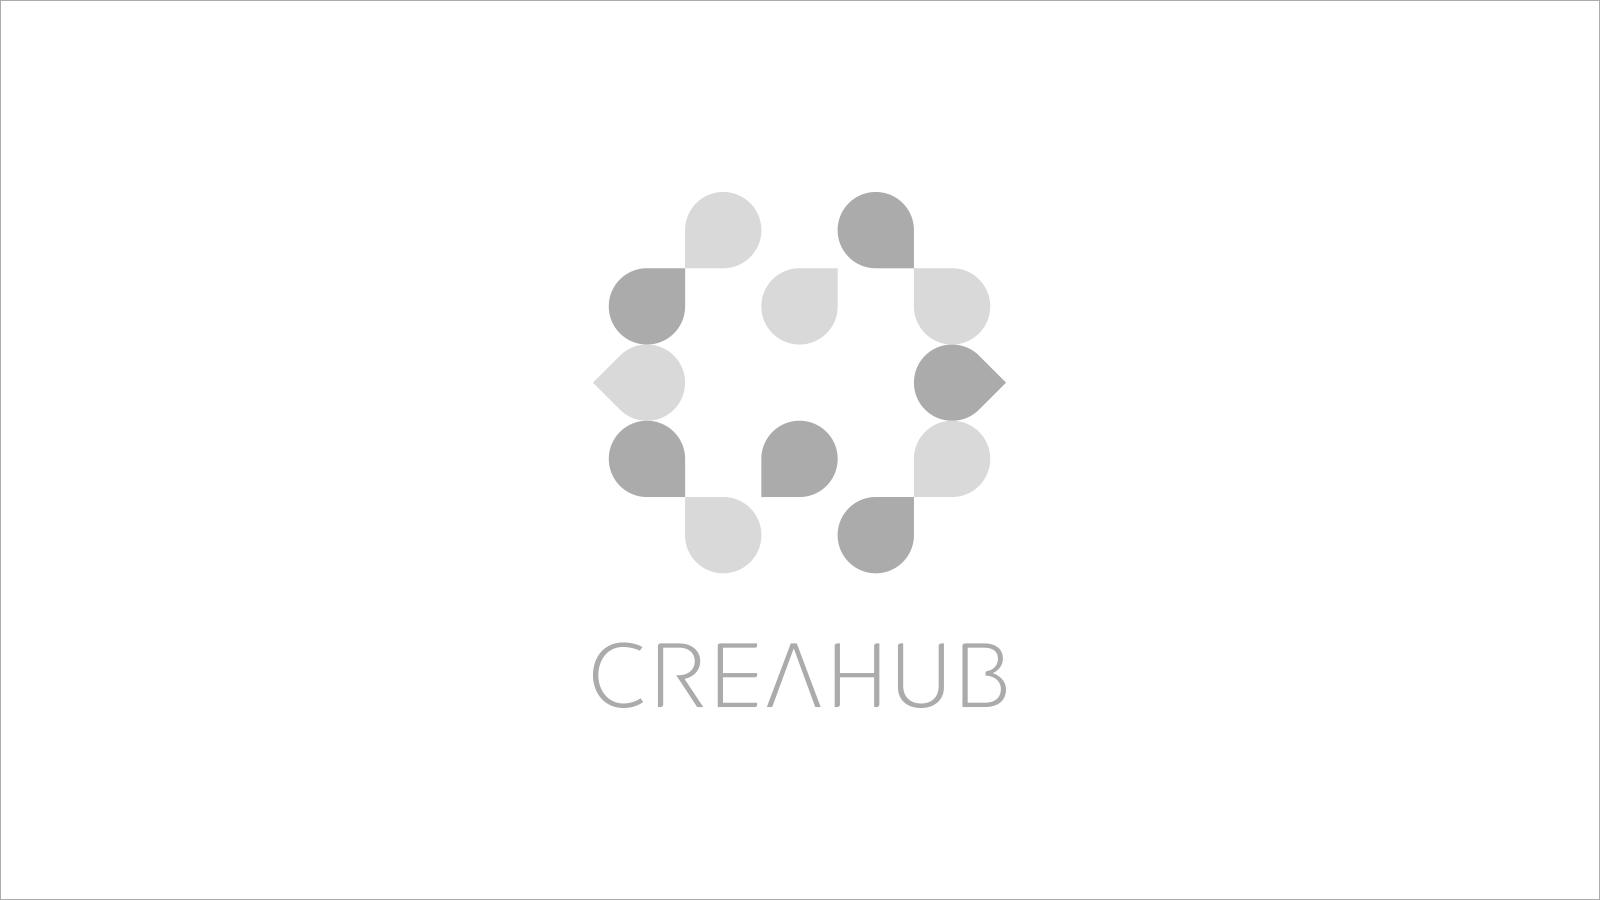 creahub_blank